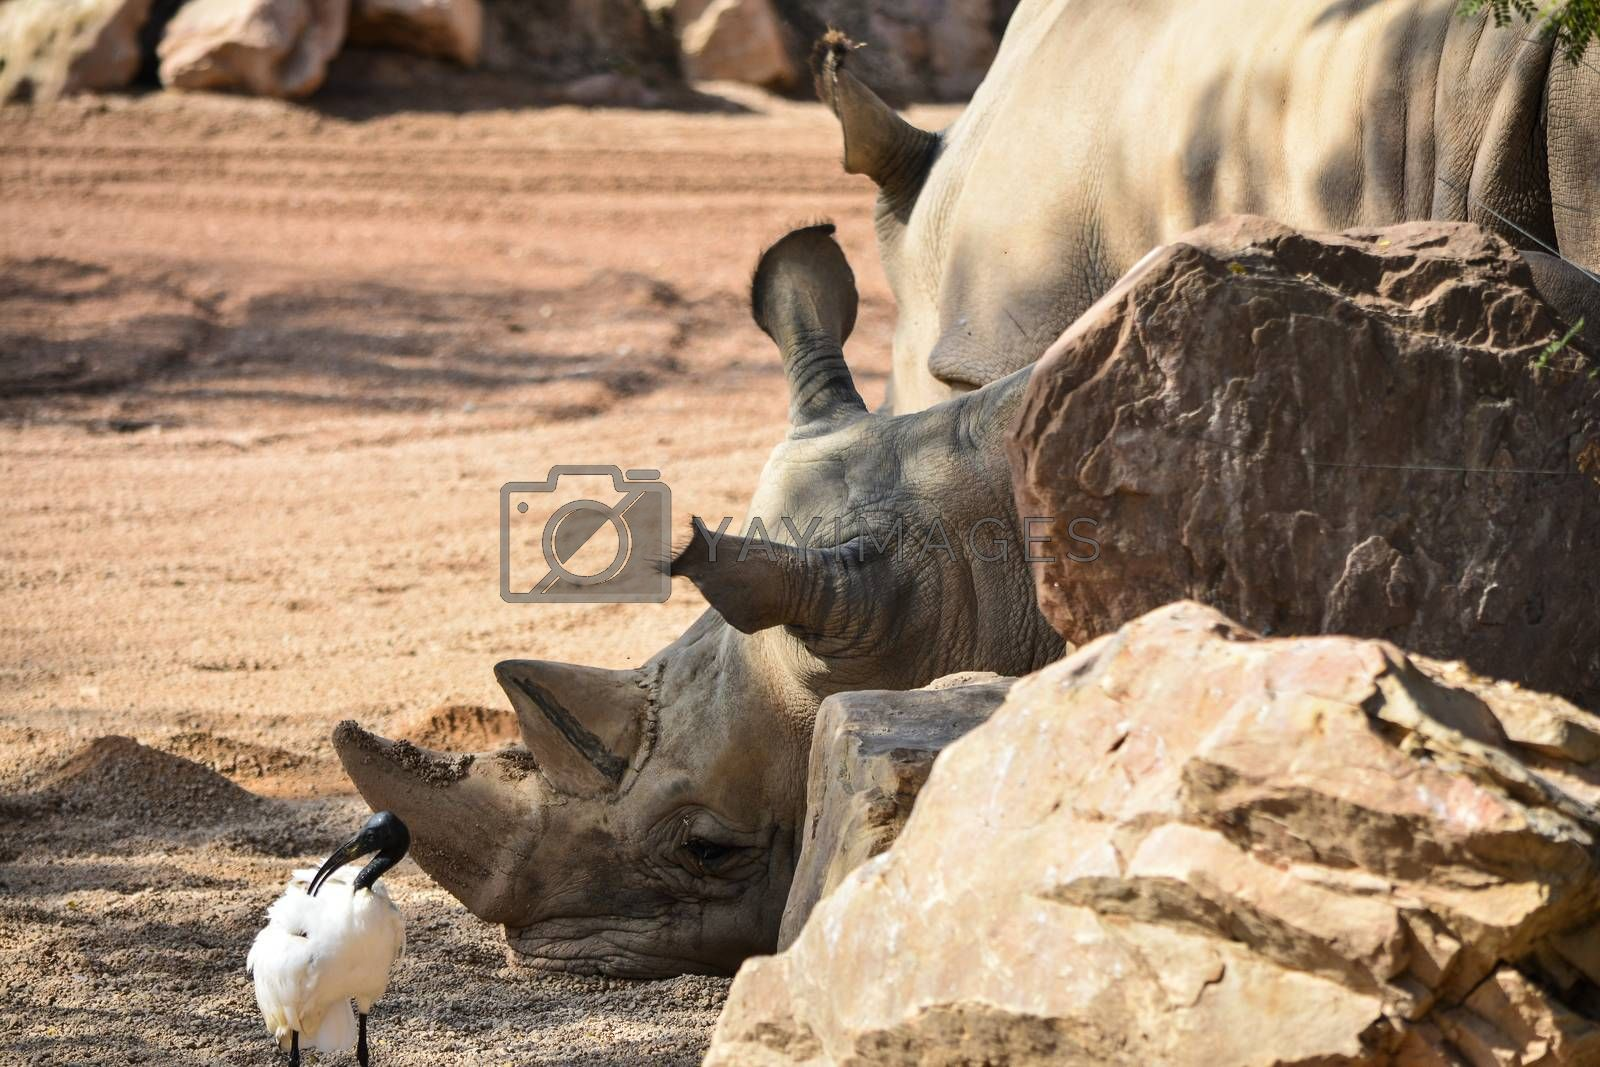 reinoceronte Ceratotherium simum simum by Prf_photo